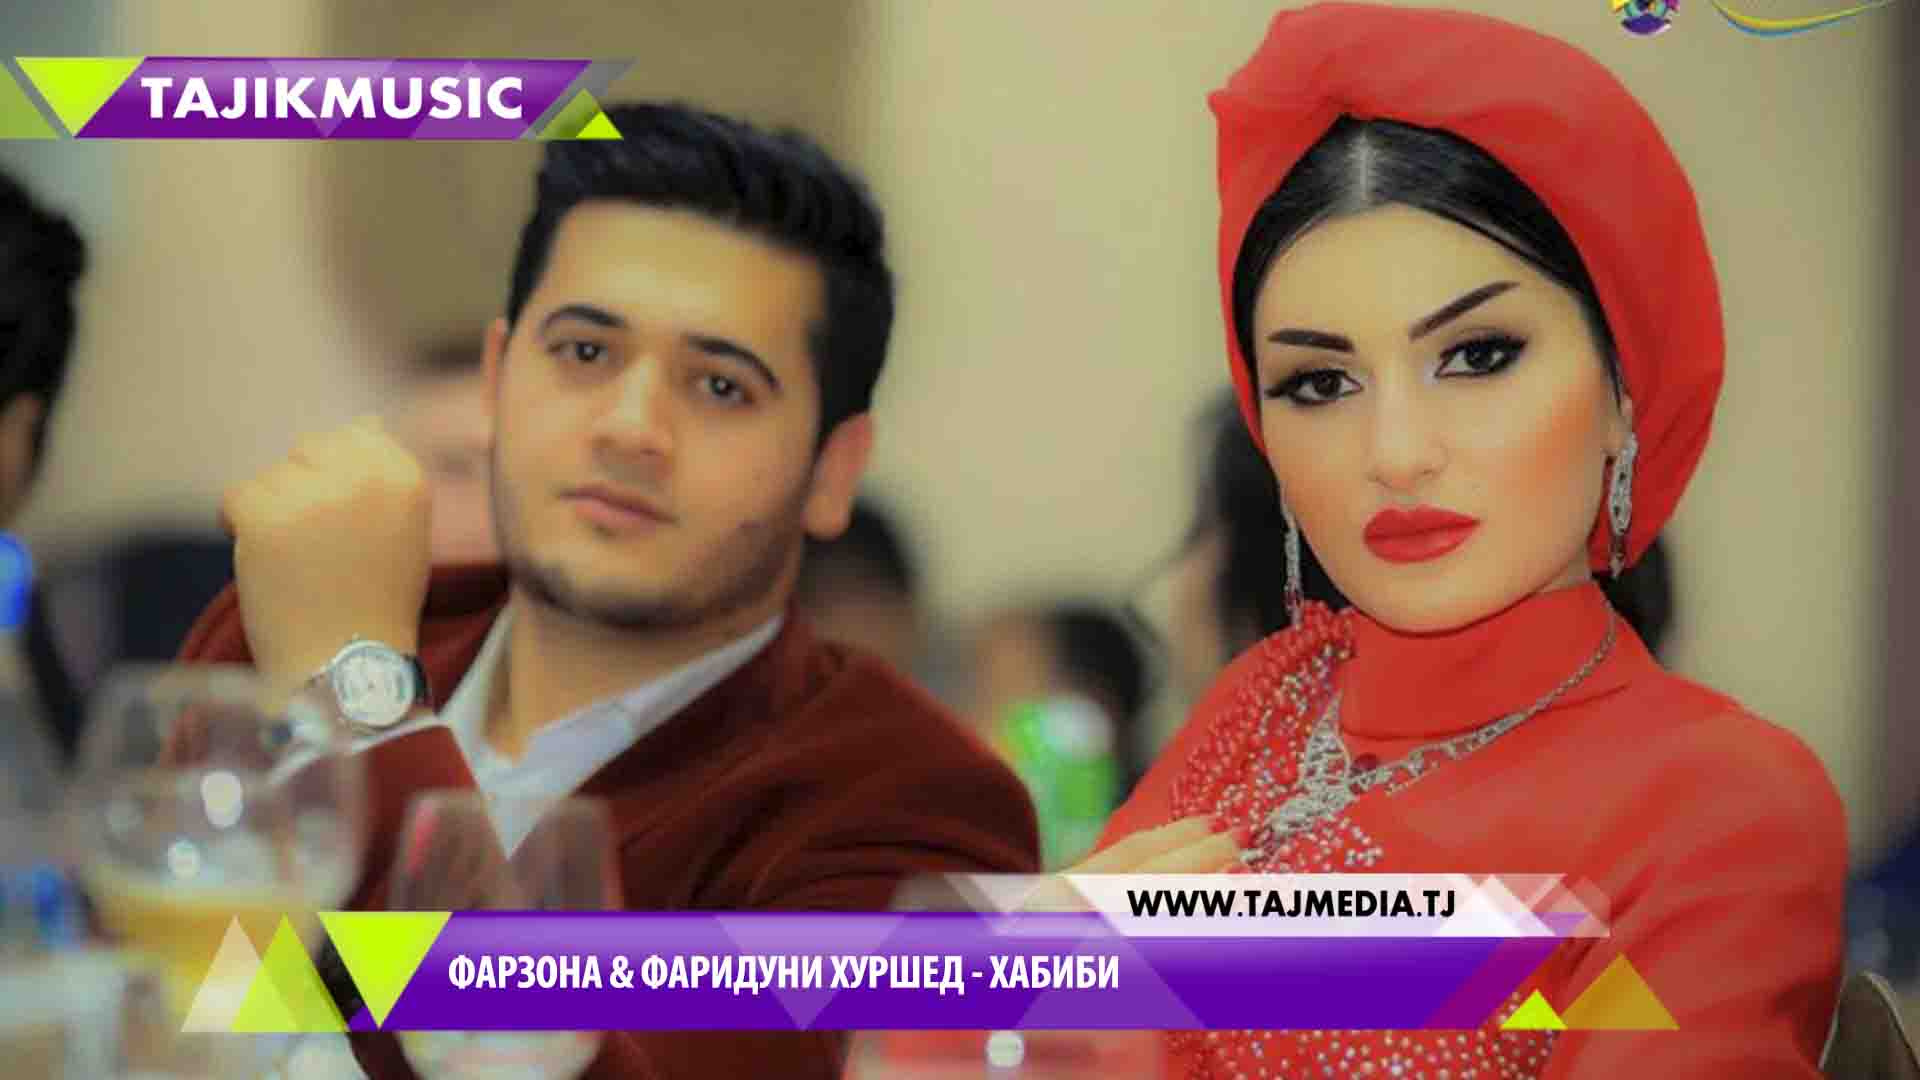 Фаридуни хуршед махи ноз:: tajmedia таджикские песни; скачать.